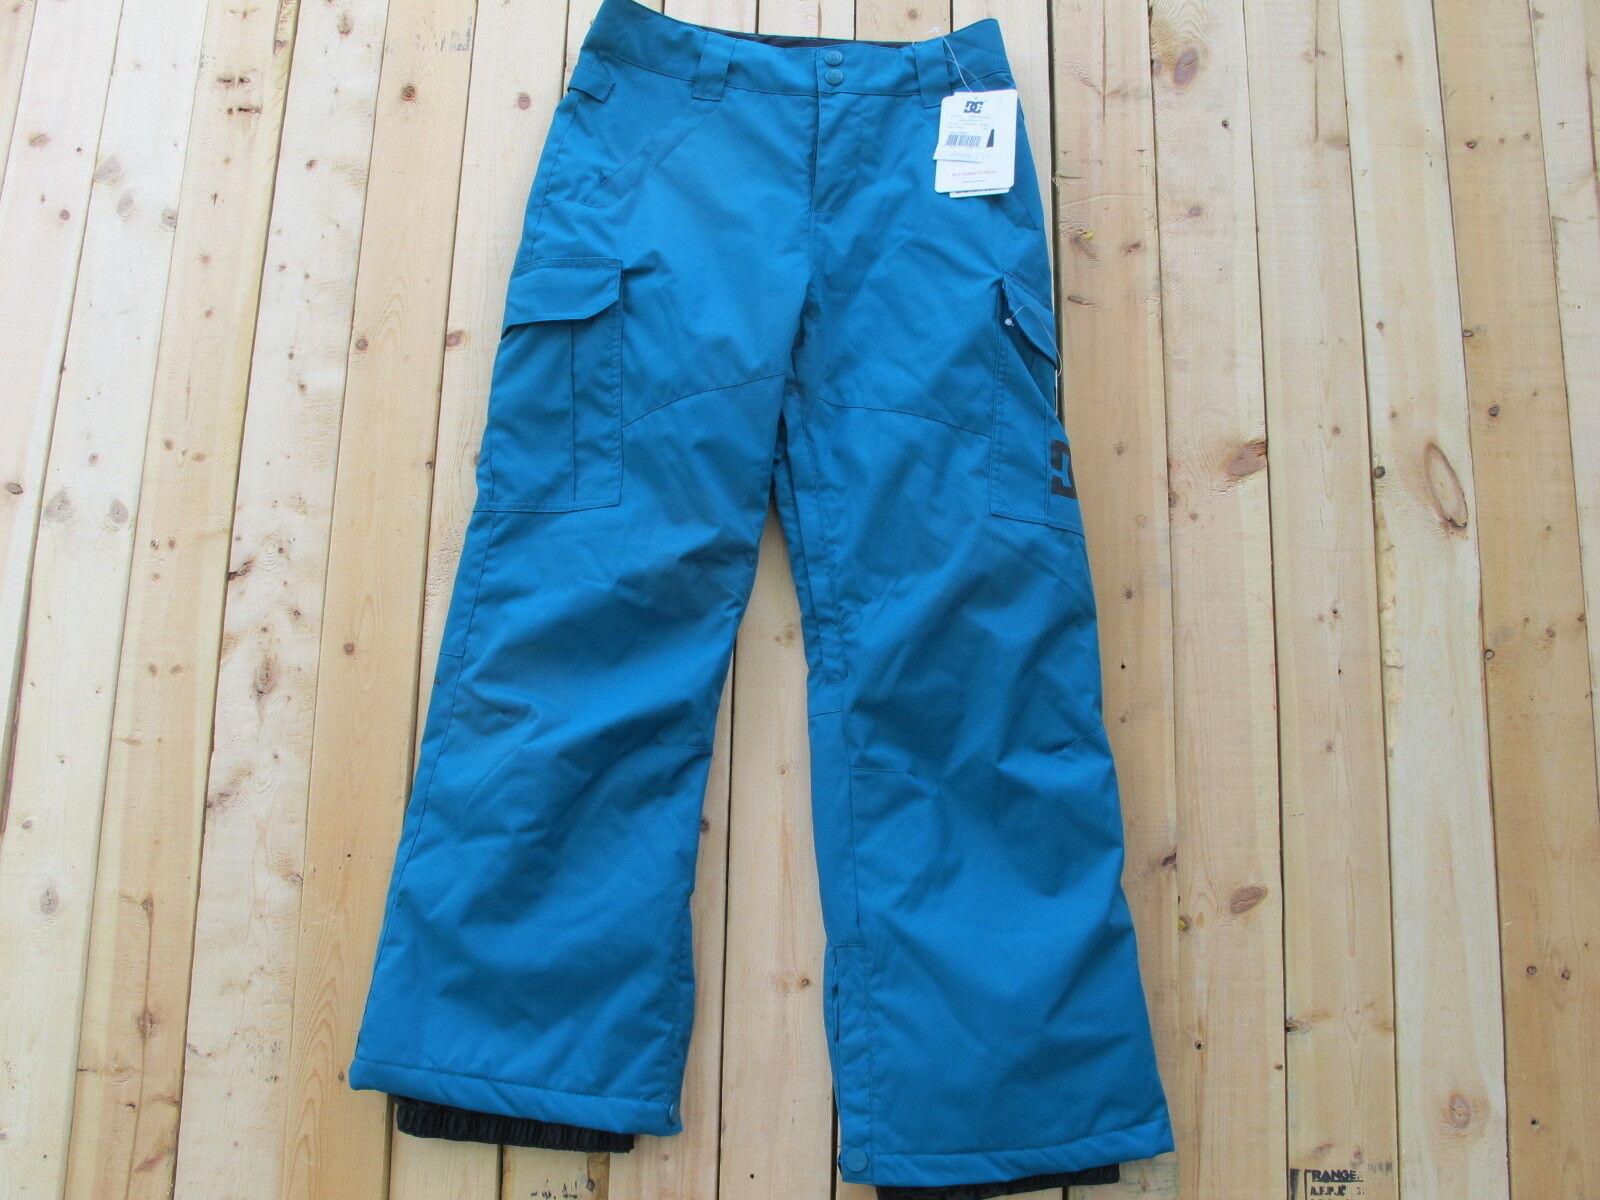 DC Banshee Boy Technical Pant Snowboard Snowmobile Ski Winter BRW0 14 L NWT